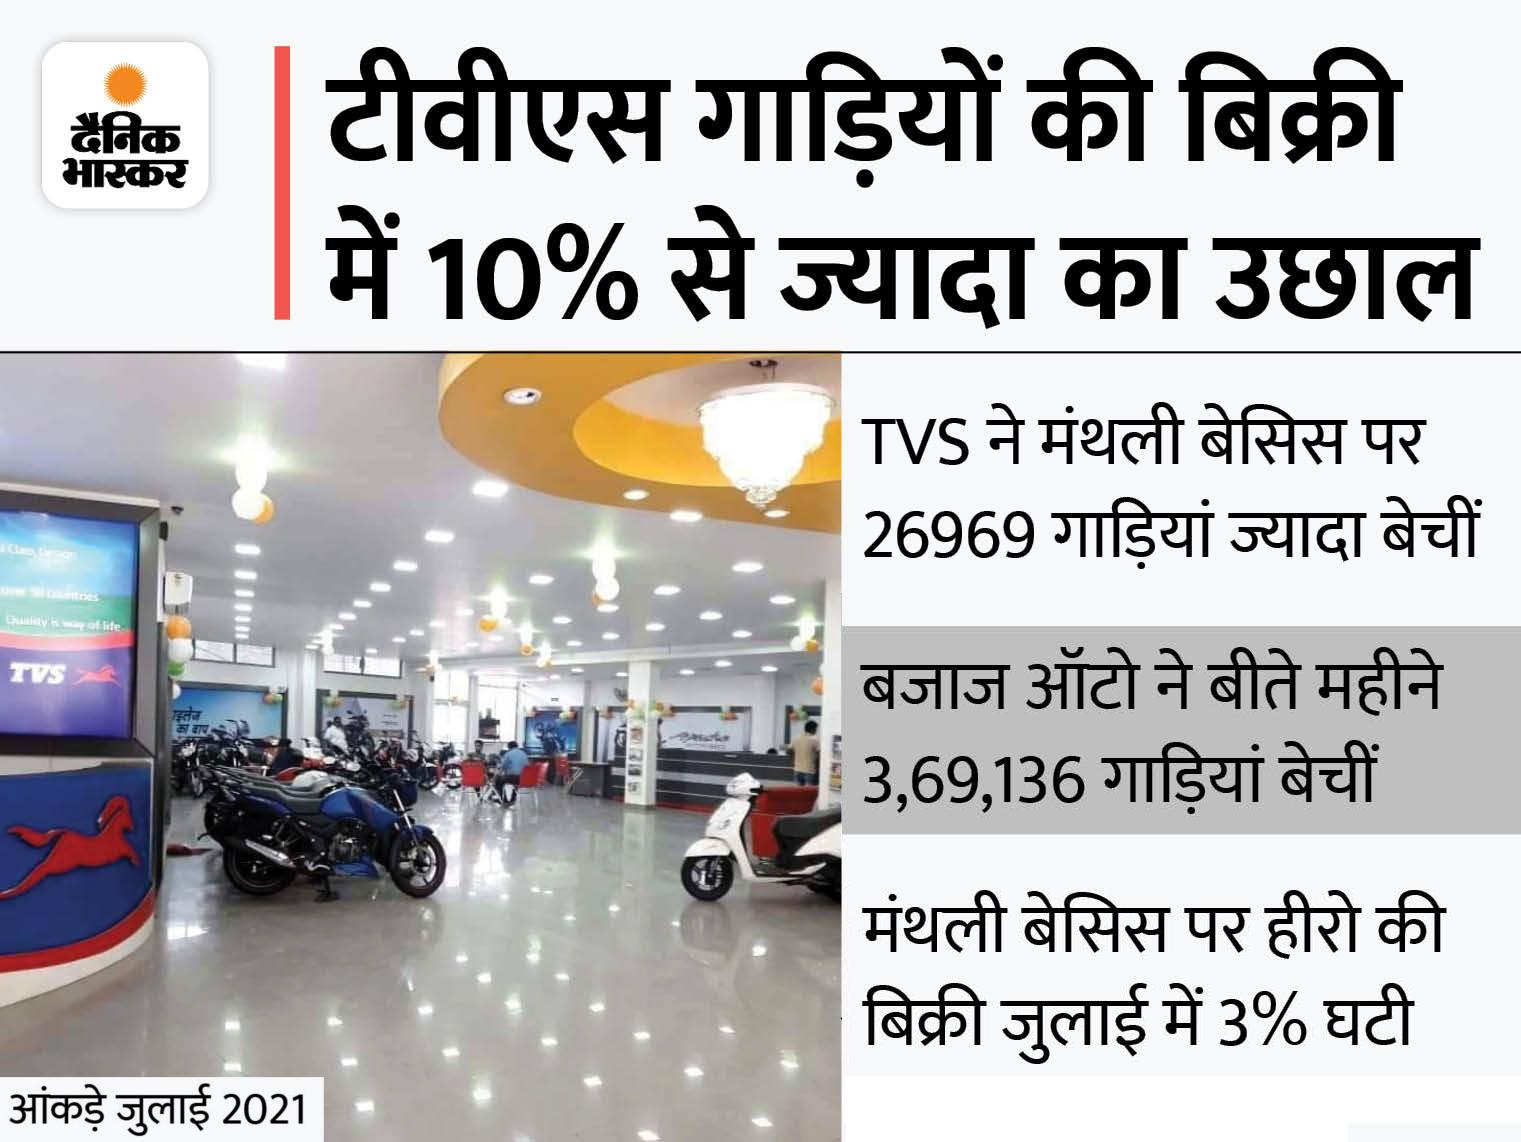 टीवीएस को मंथली बेसिस पर 10.7% और बजाज ऑटो को 6.6% की ग्रोथ मिली; हीरो मोटोकॉर्प की बिक्री 3% घटी|टेक & ऑटो,Tech & Auto - Dainik Bhaskar